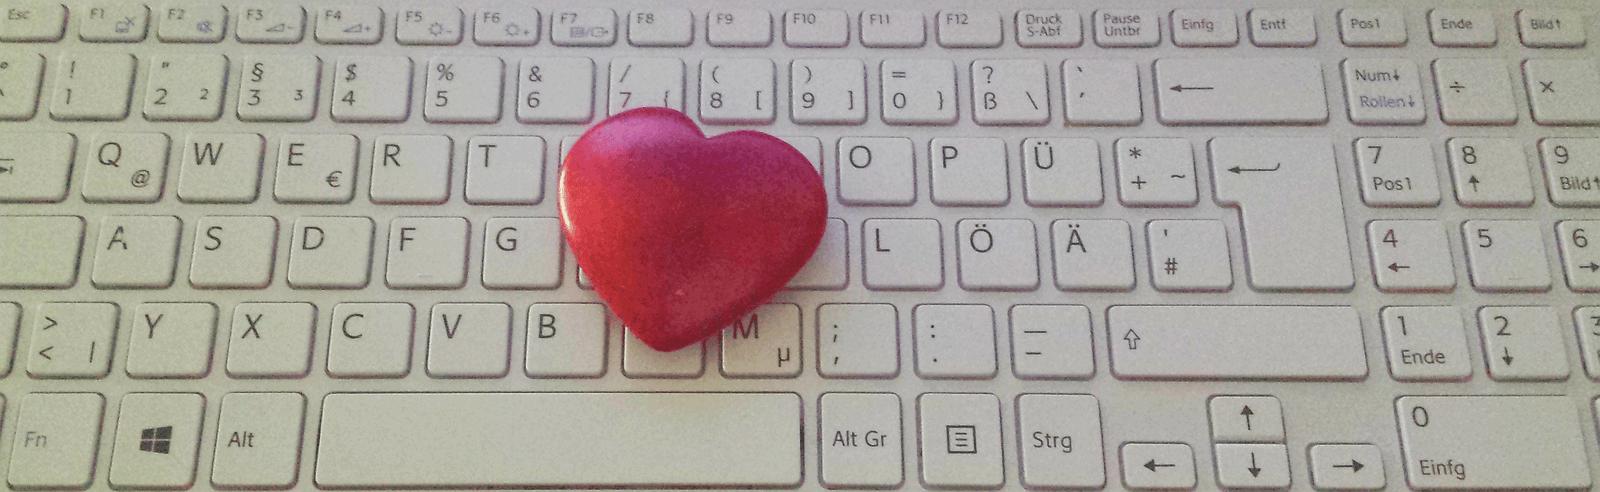 Herz auf Tastatur